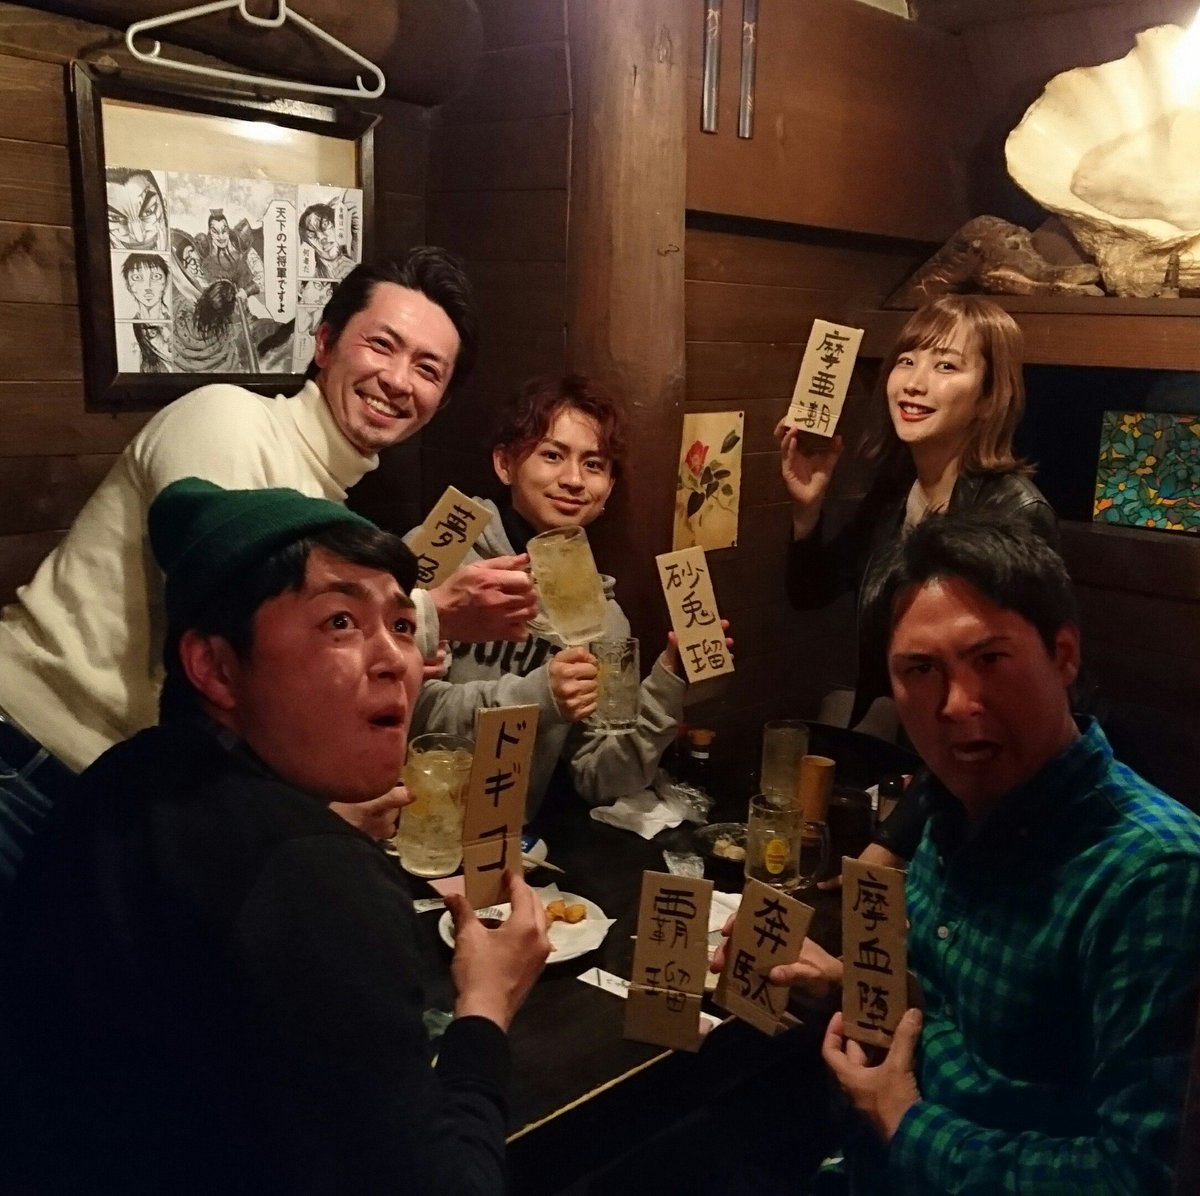 またまた福岡キングダム会やってきました!今回の擬音大賞は「!」もはや音の文字ですらない!これは凄い表現!そして良い表情大